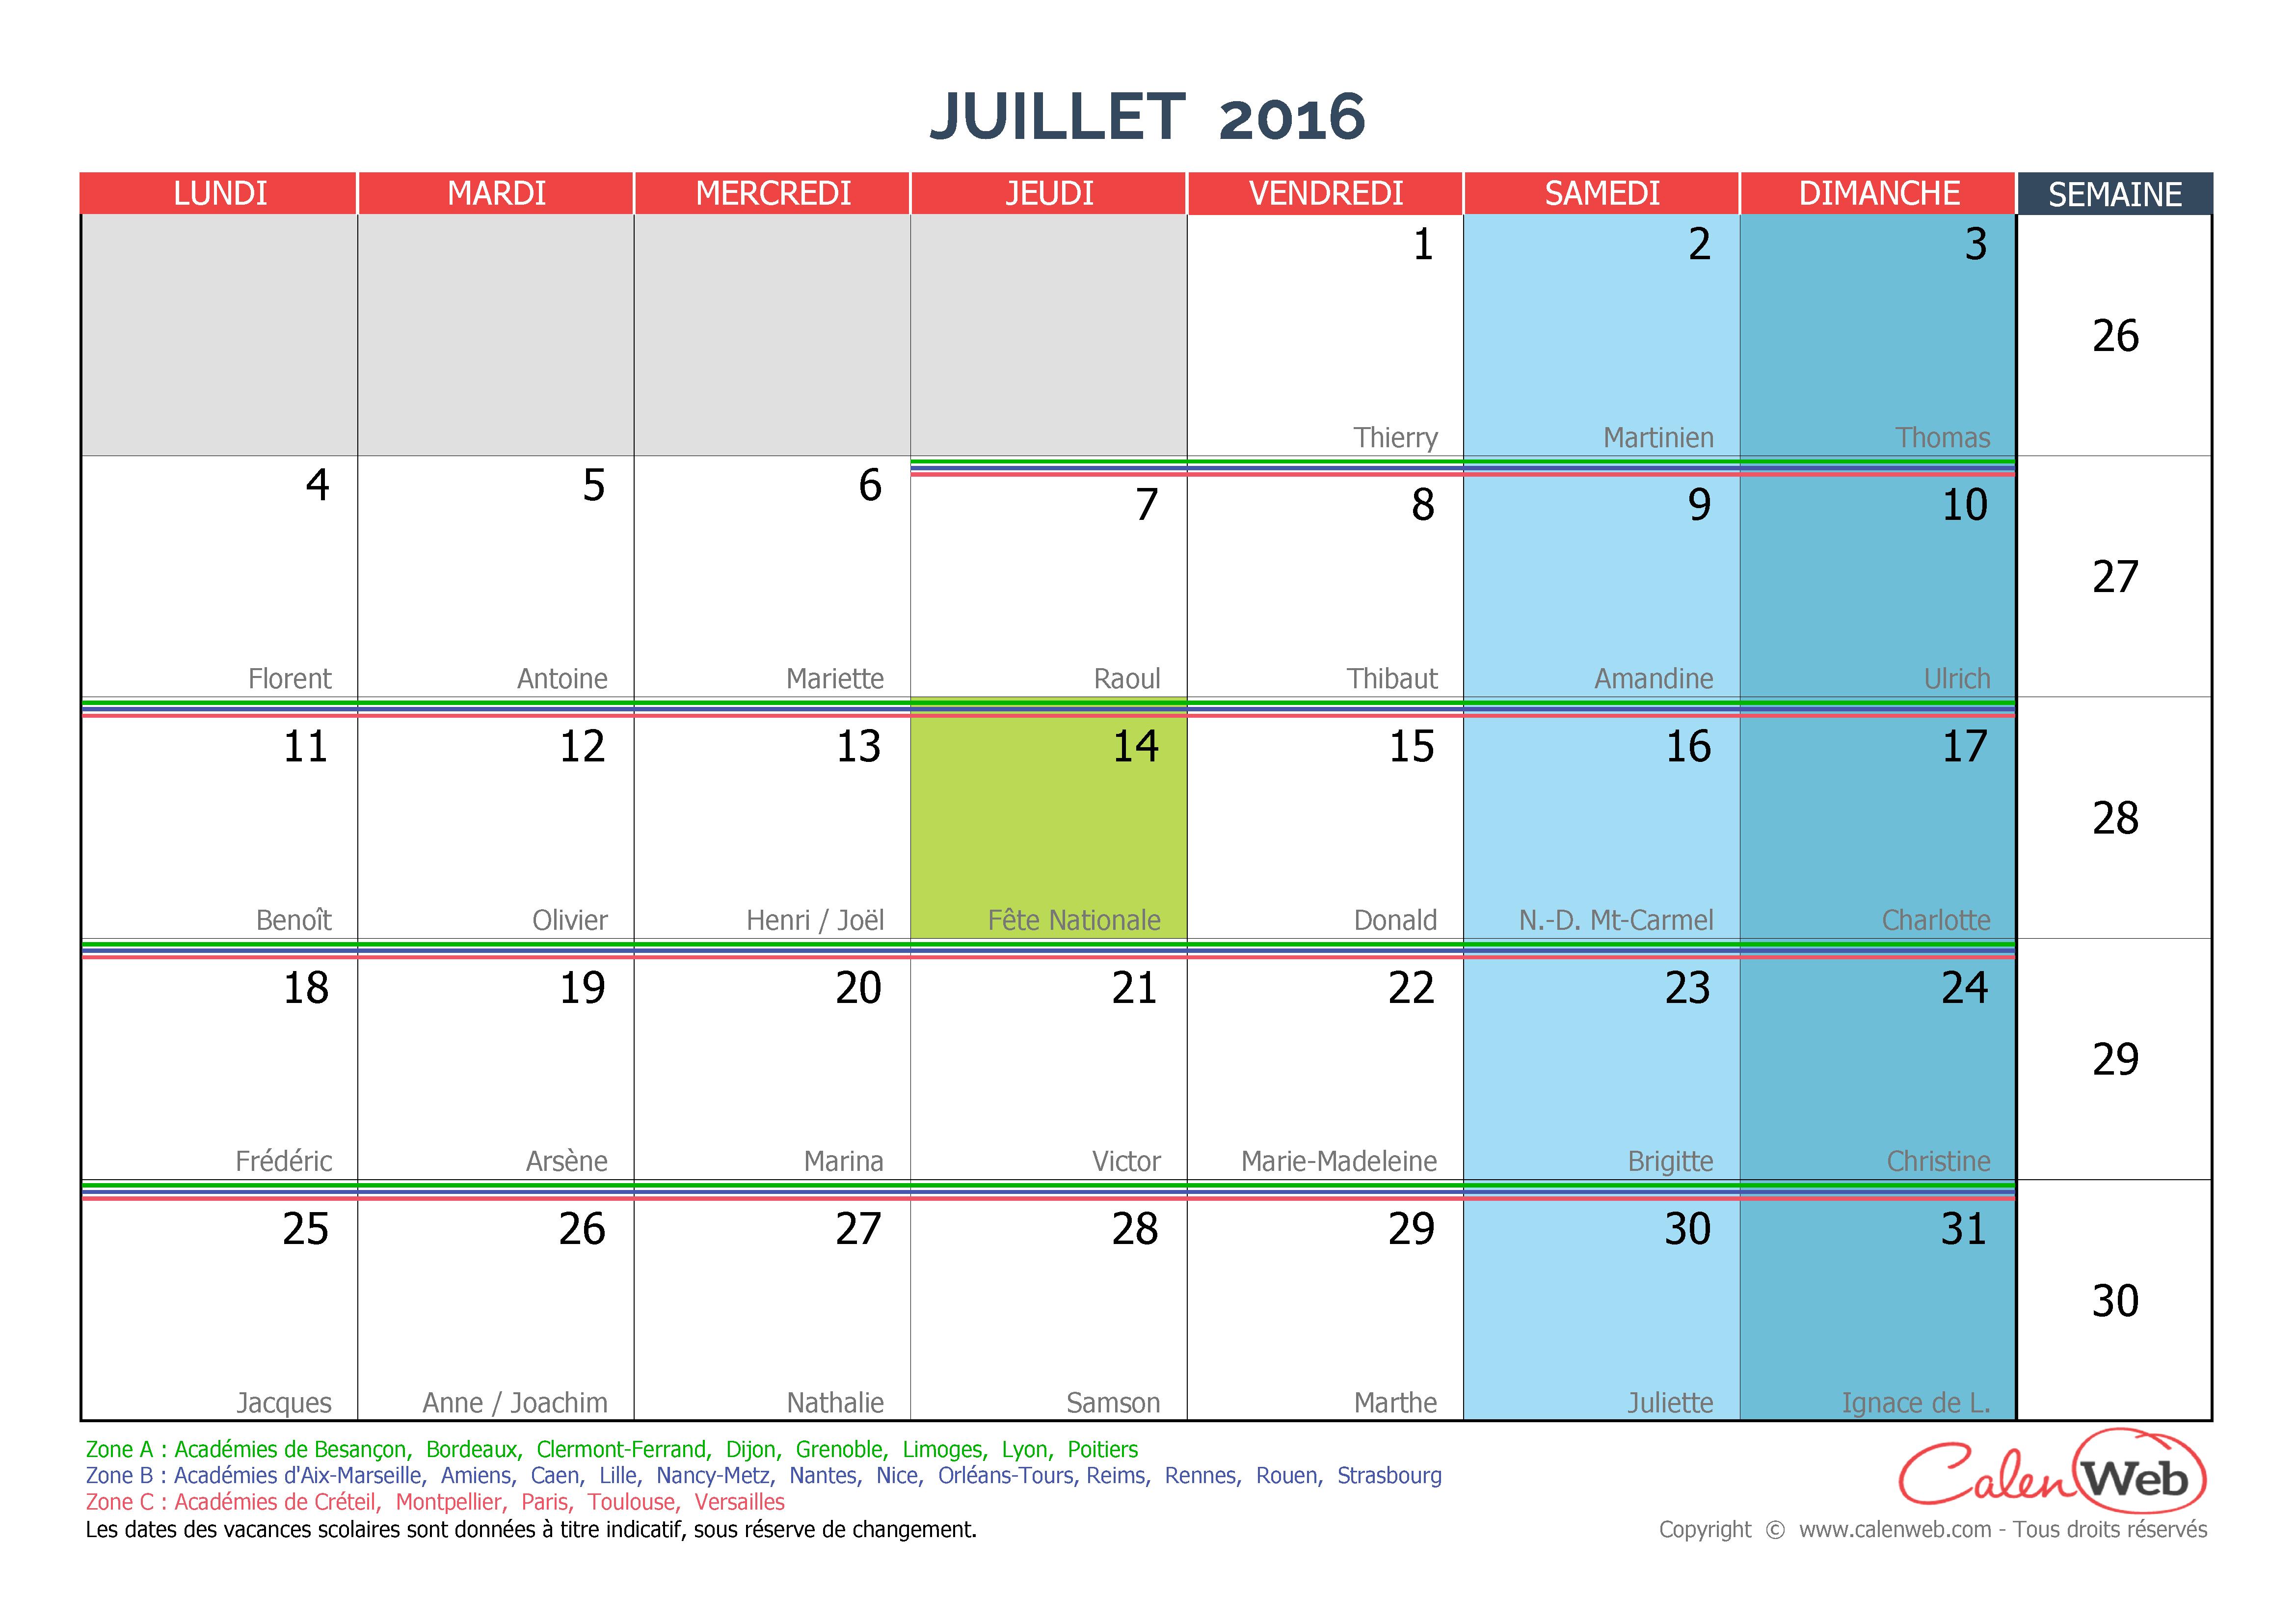 Calendrier mensuel mois de juillet 2016 avec f tes jours f ri s et vacances scolaires - Jour de l hiver 2016 ...